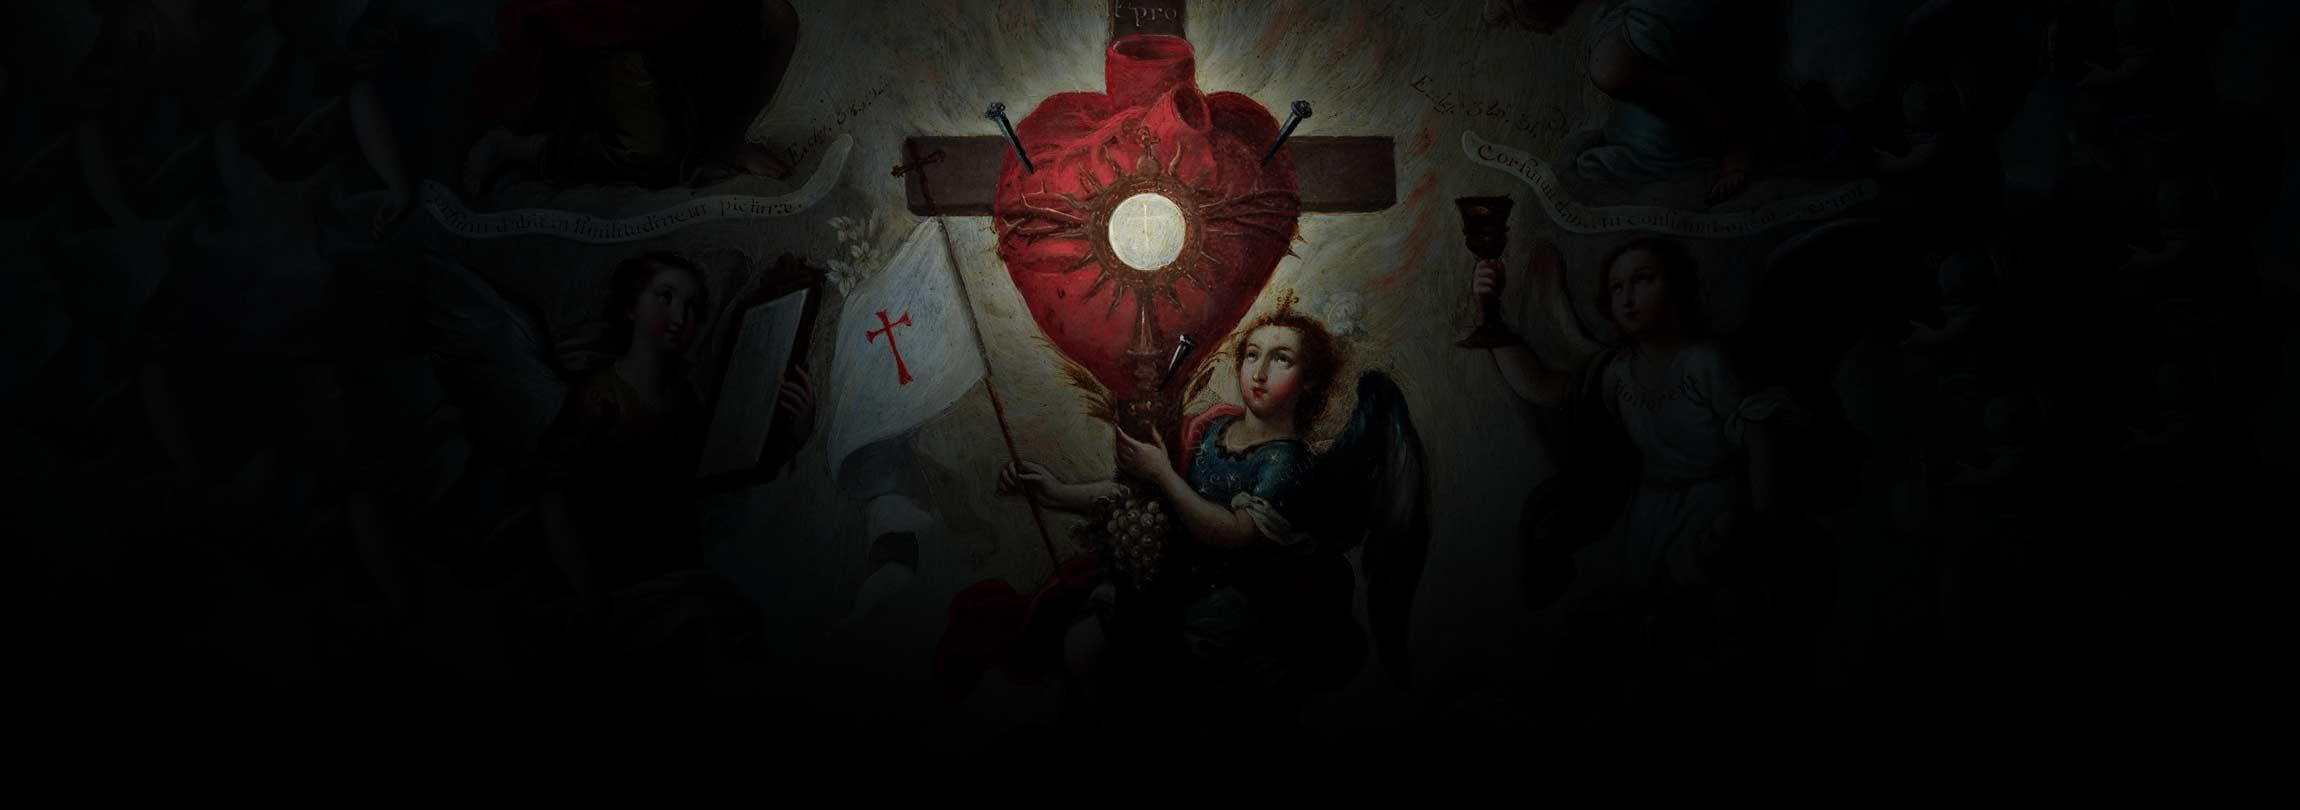 Novena em honra ao Sagrado Coração de Jesus